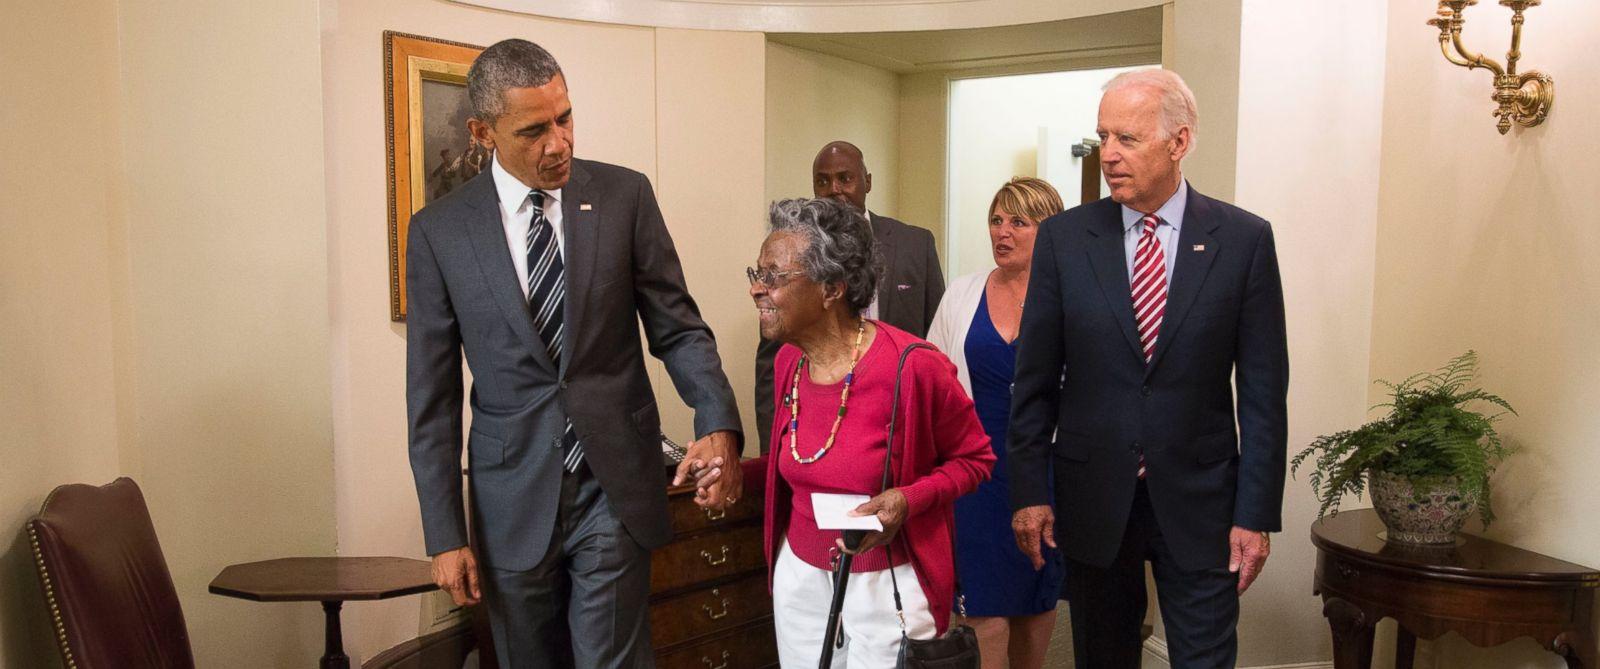 white house tours meet president